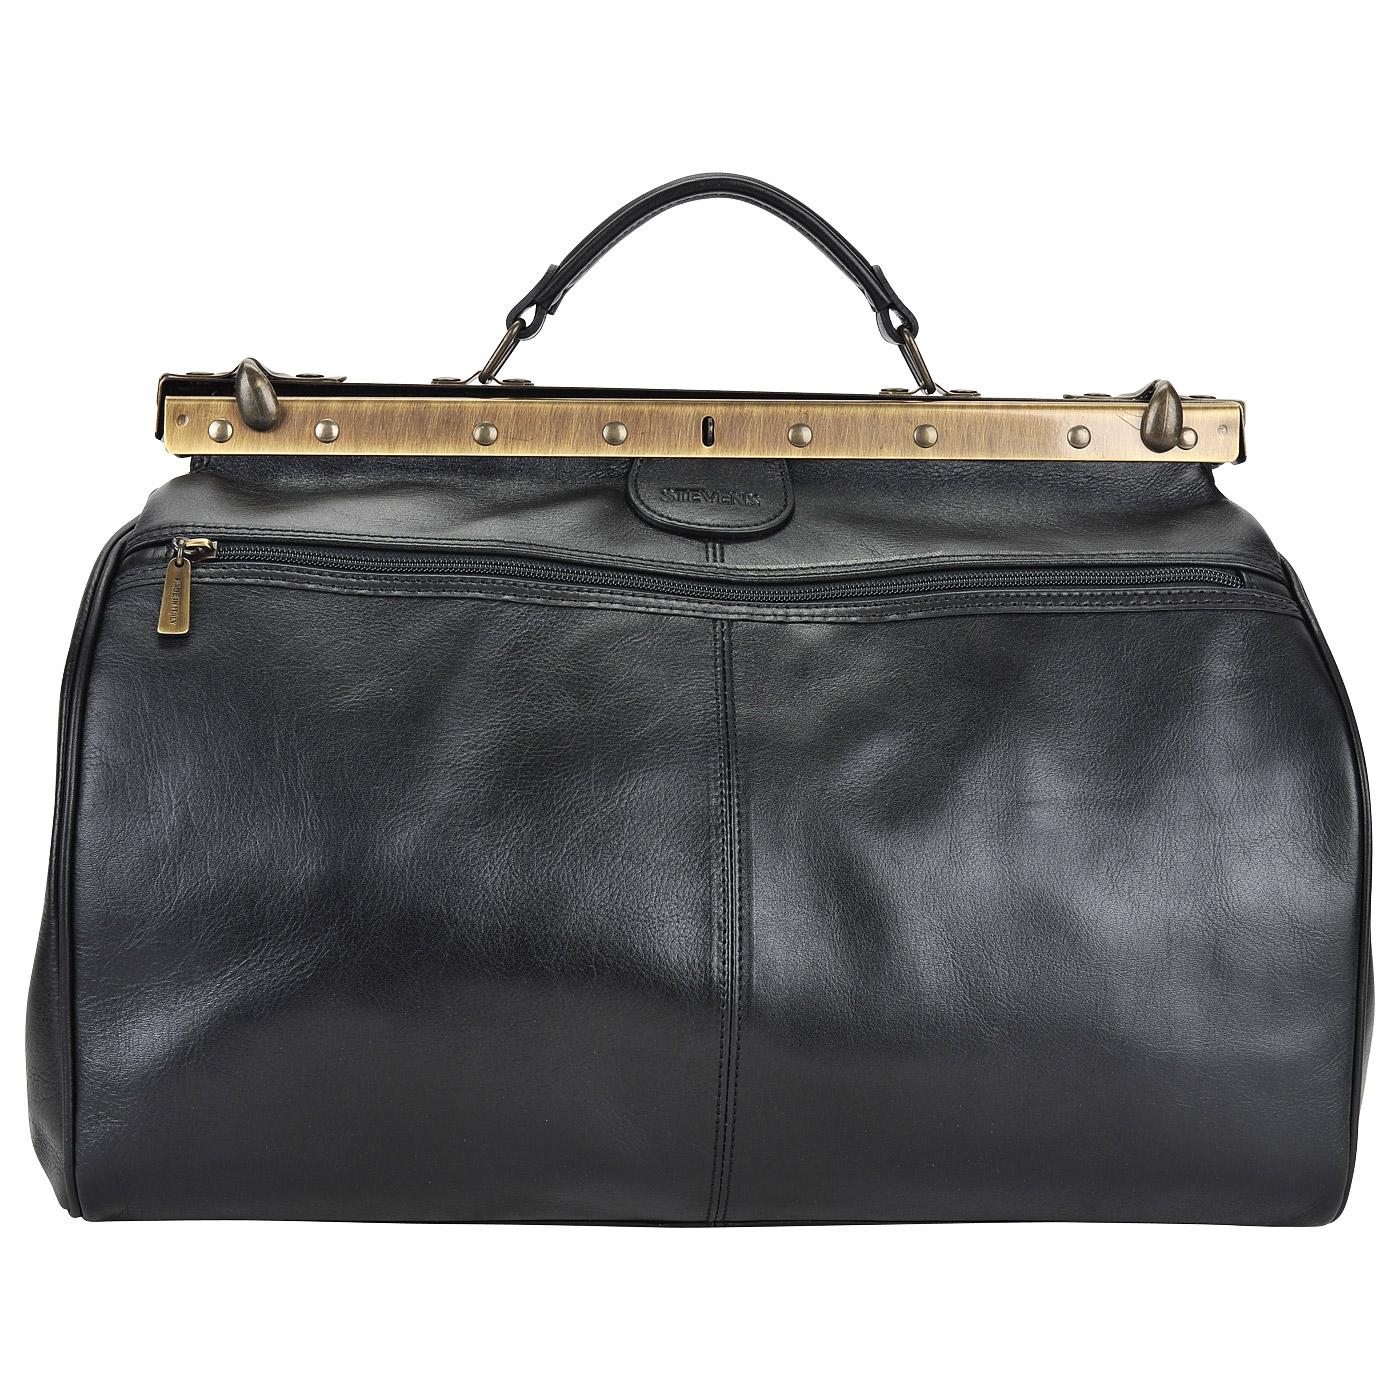 Кожаная винтажная сумка-саквояж Stevens STA-2974 V-nero - 2000557748576  черный натуральная кожа 44 x 32 x 28 Цена 20480 руб. купить в  интернет-магазине ... 80b897bbb07